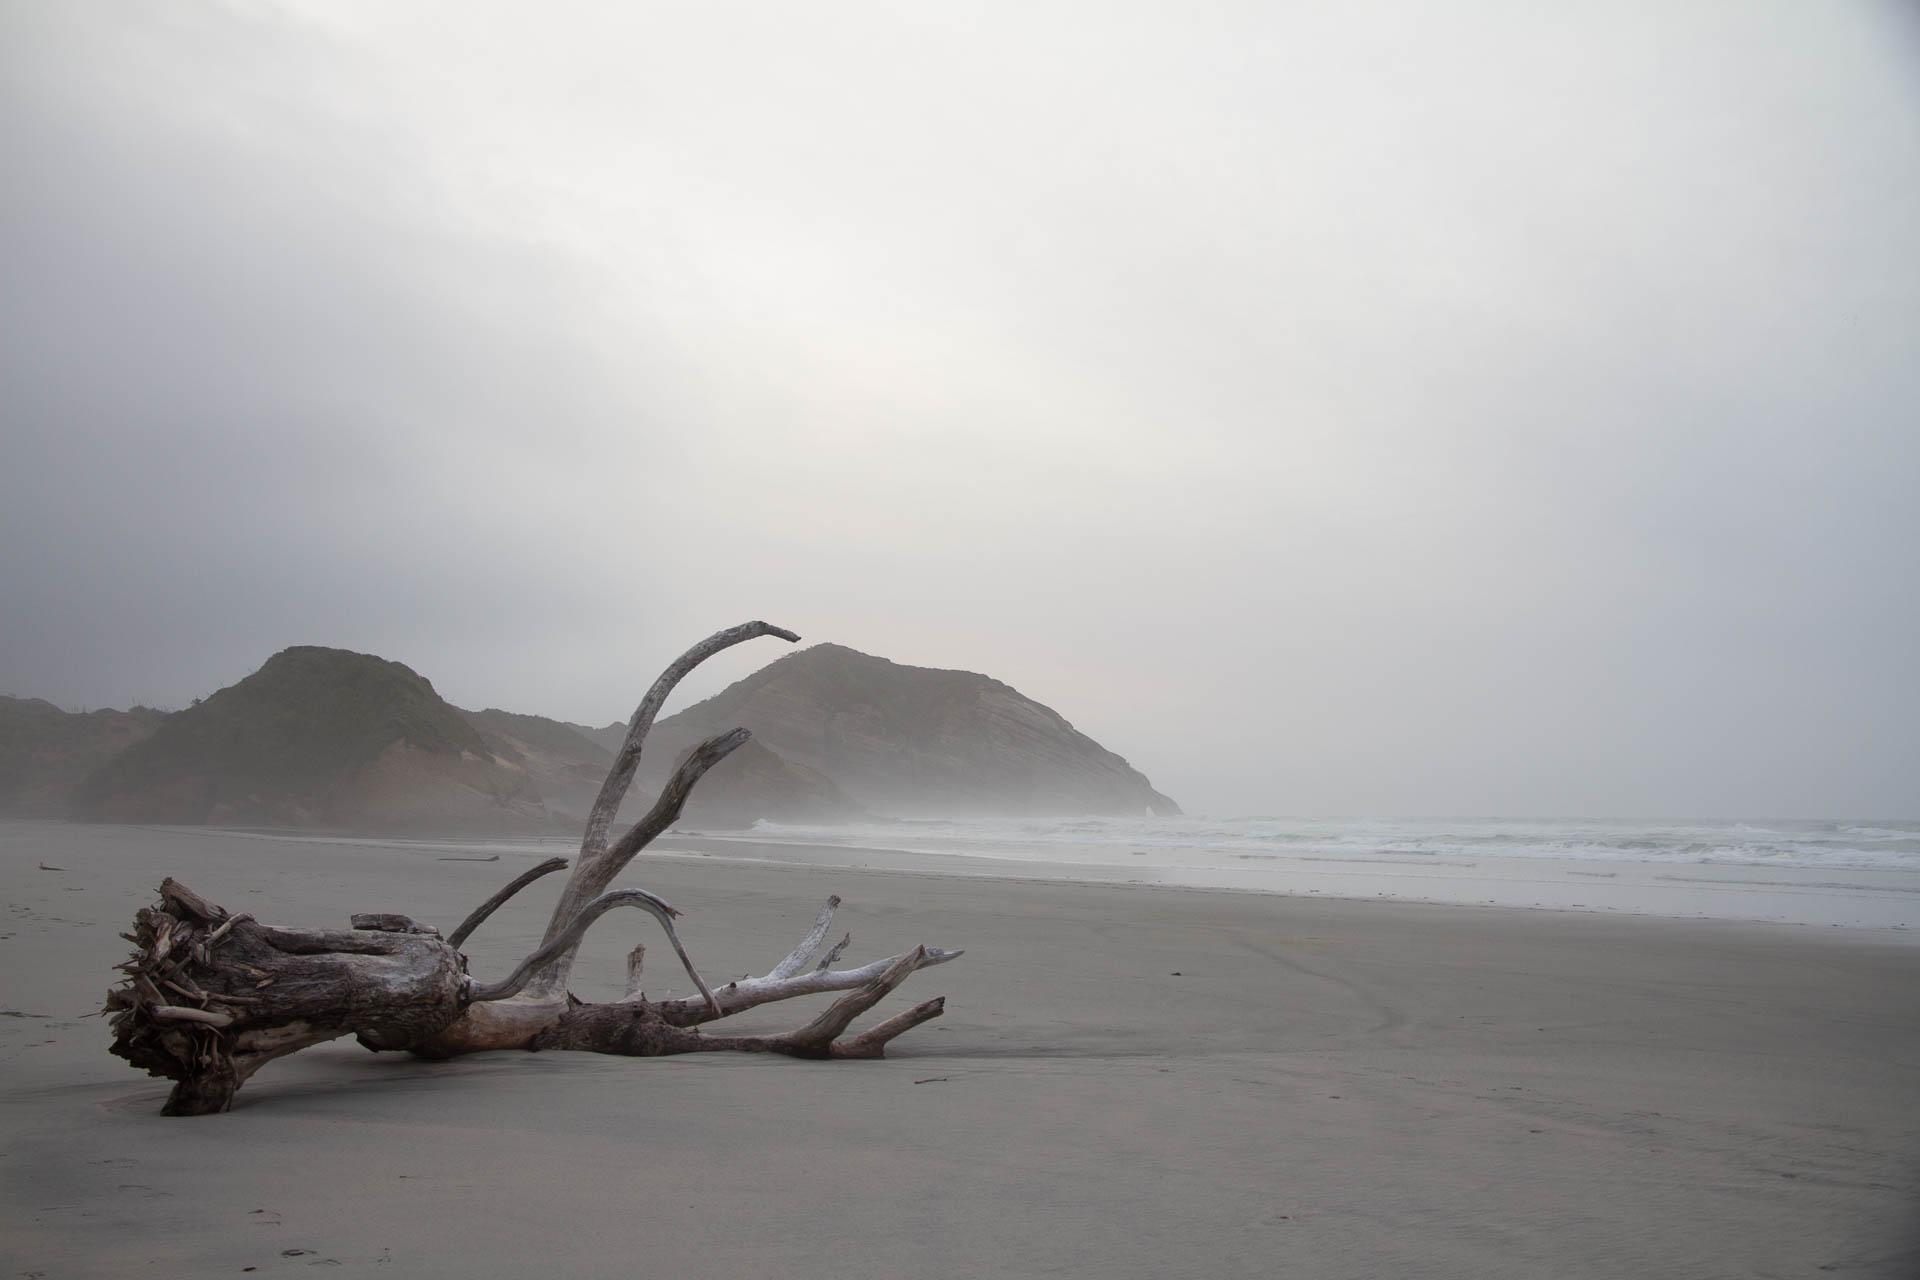 Wharaiki Beach